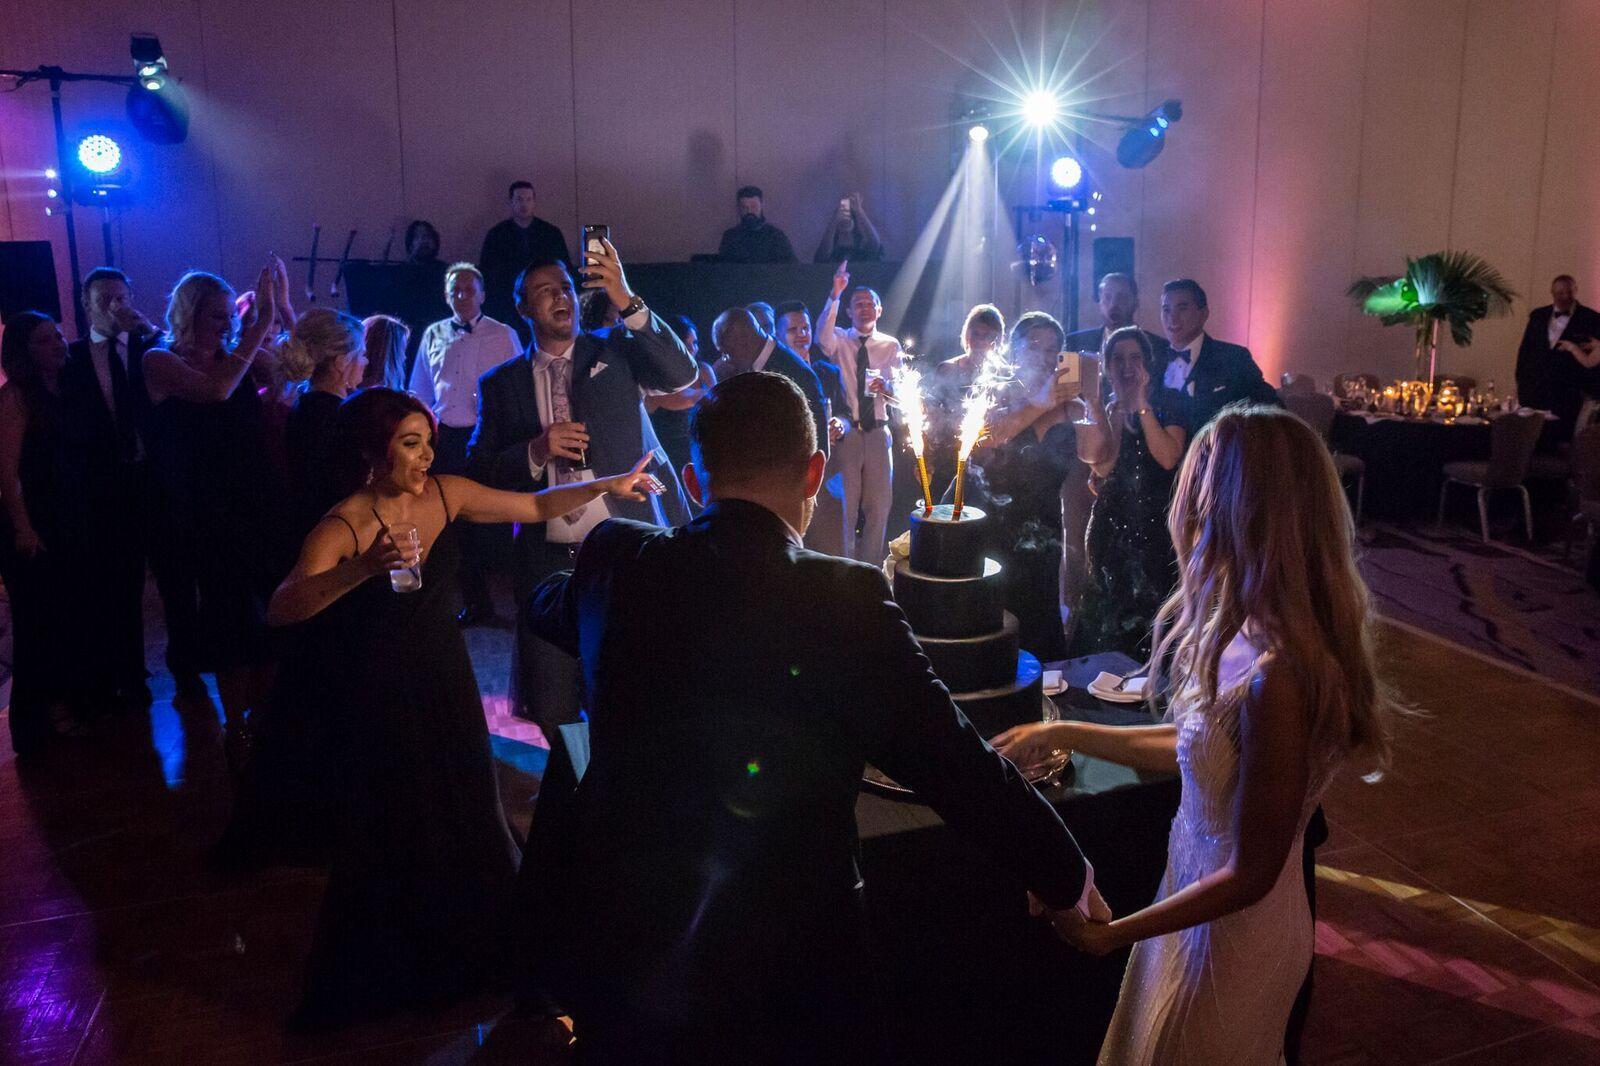 Pin On Wedding Dj Mc Dance Floor